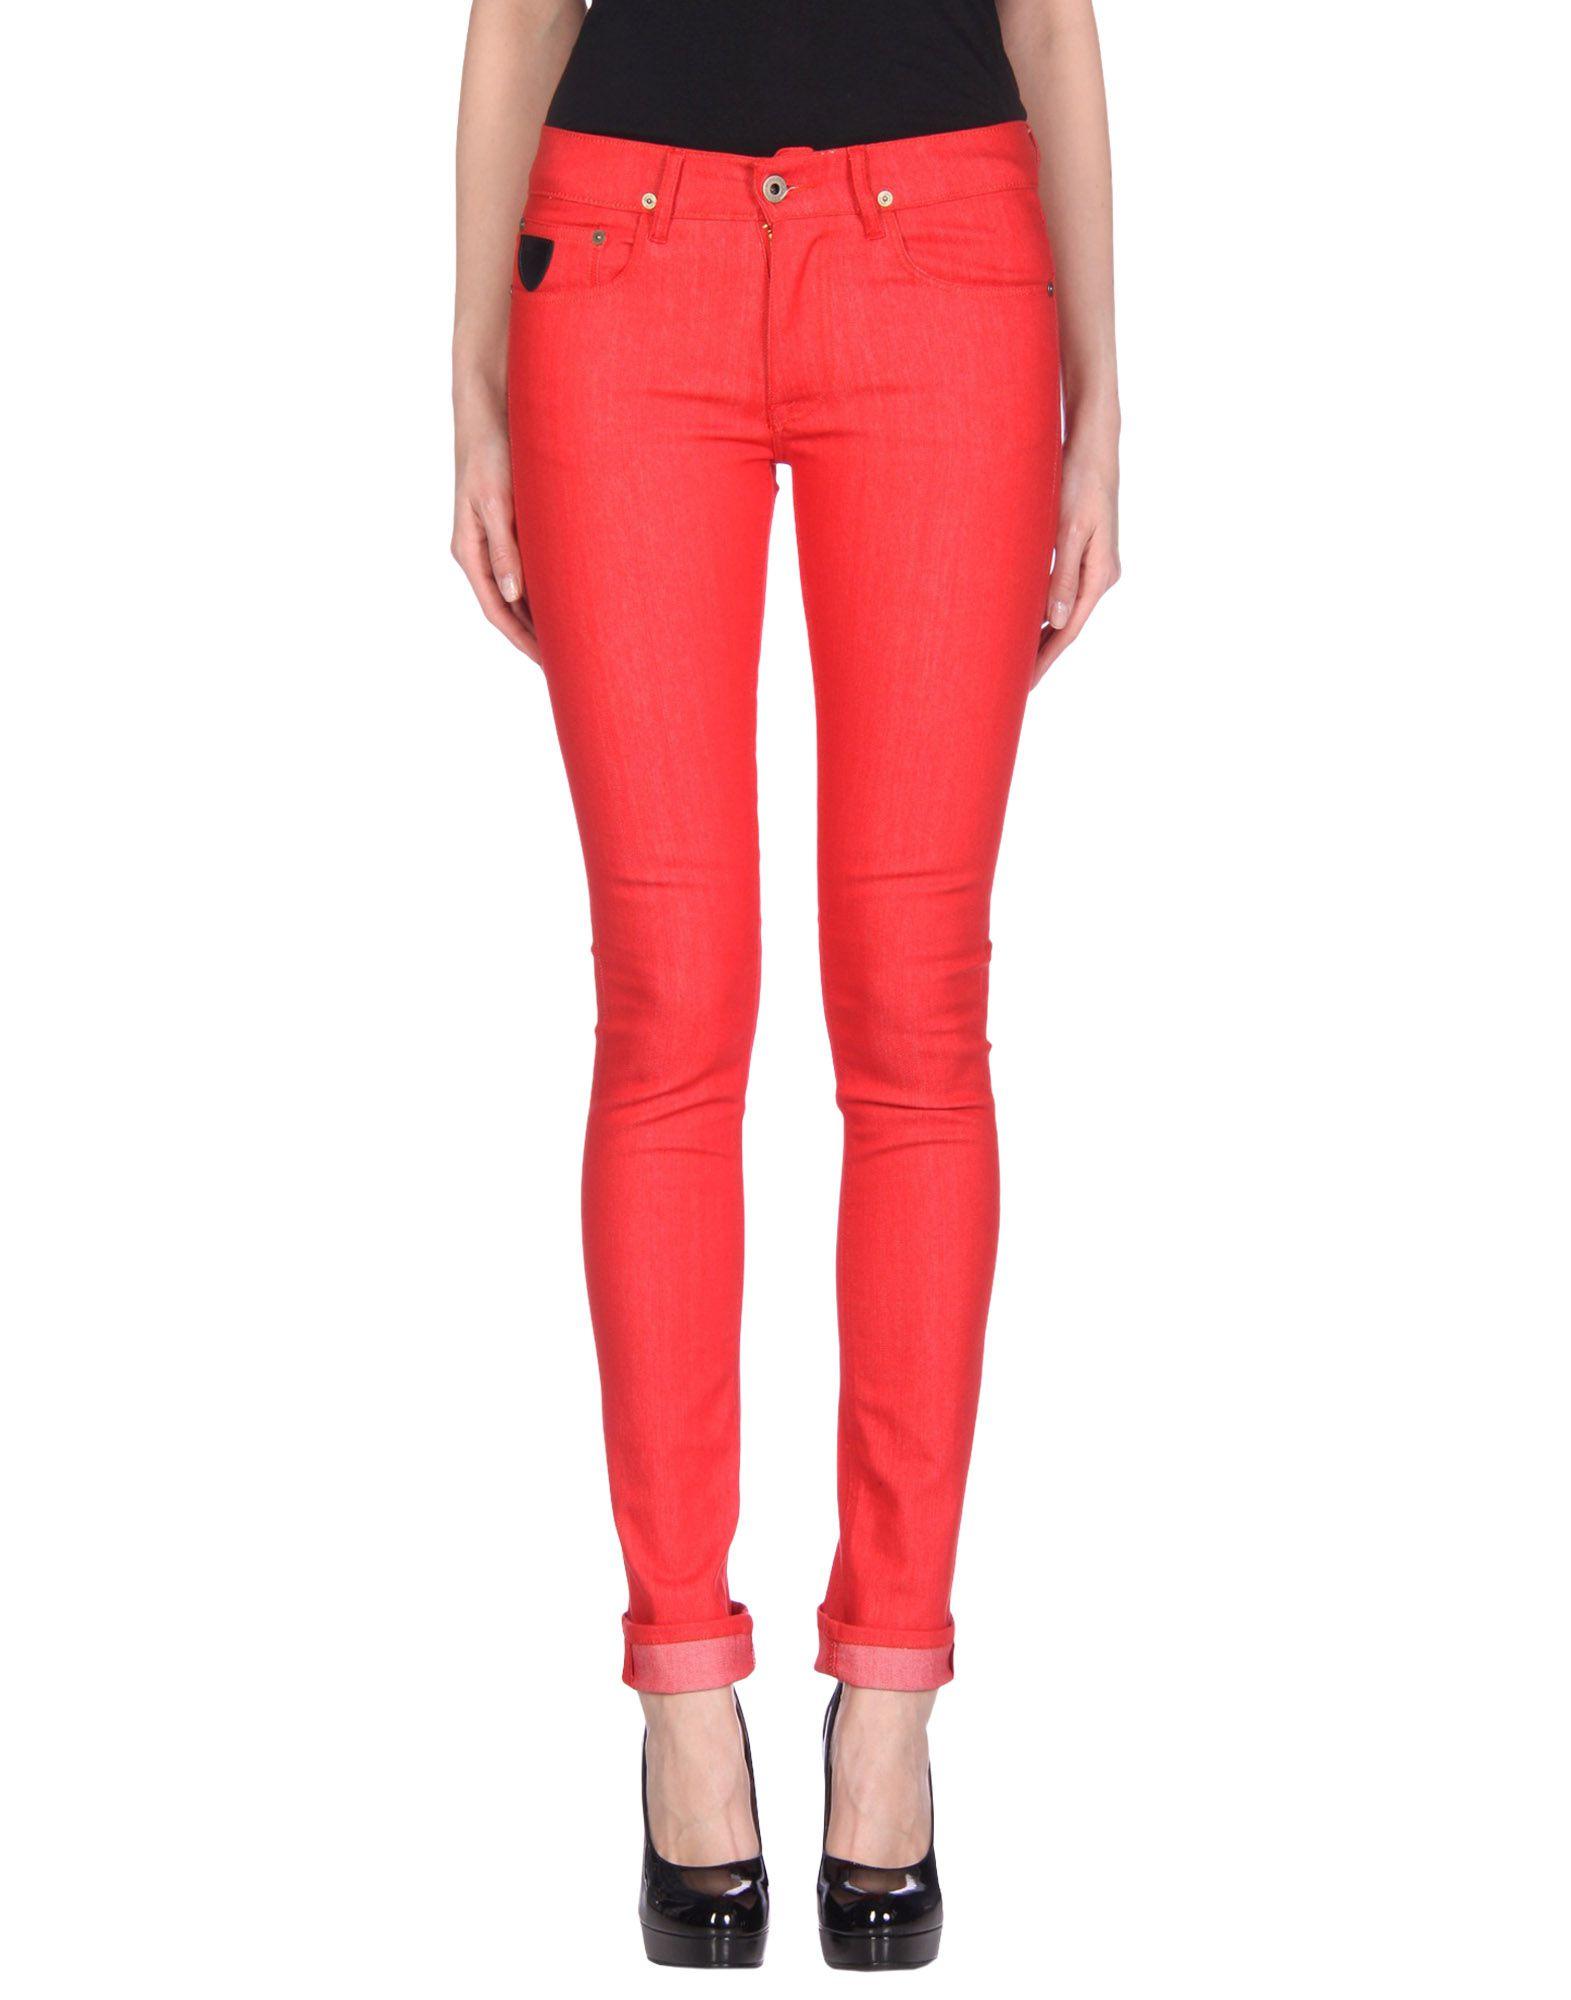 APRIL77 Denim Pants in Red